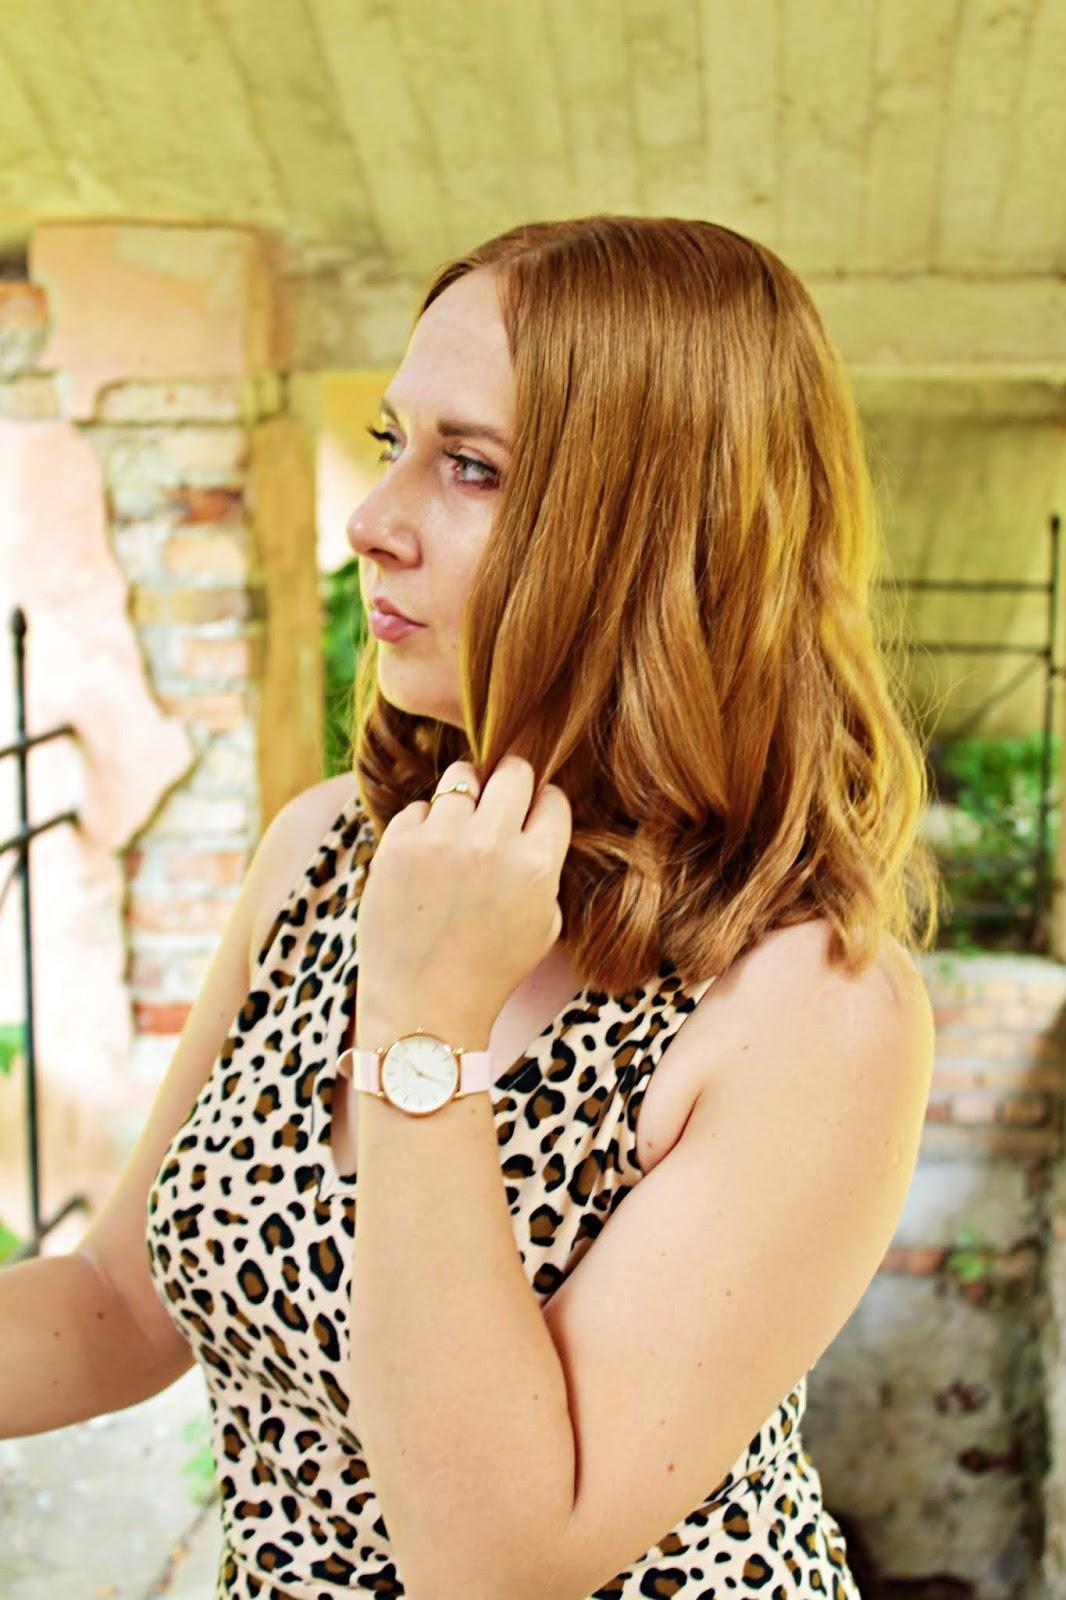 Zegarek Rosefield SHPWR-H37 - idealny prezent dla niej